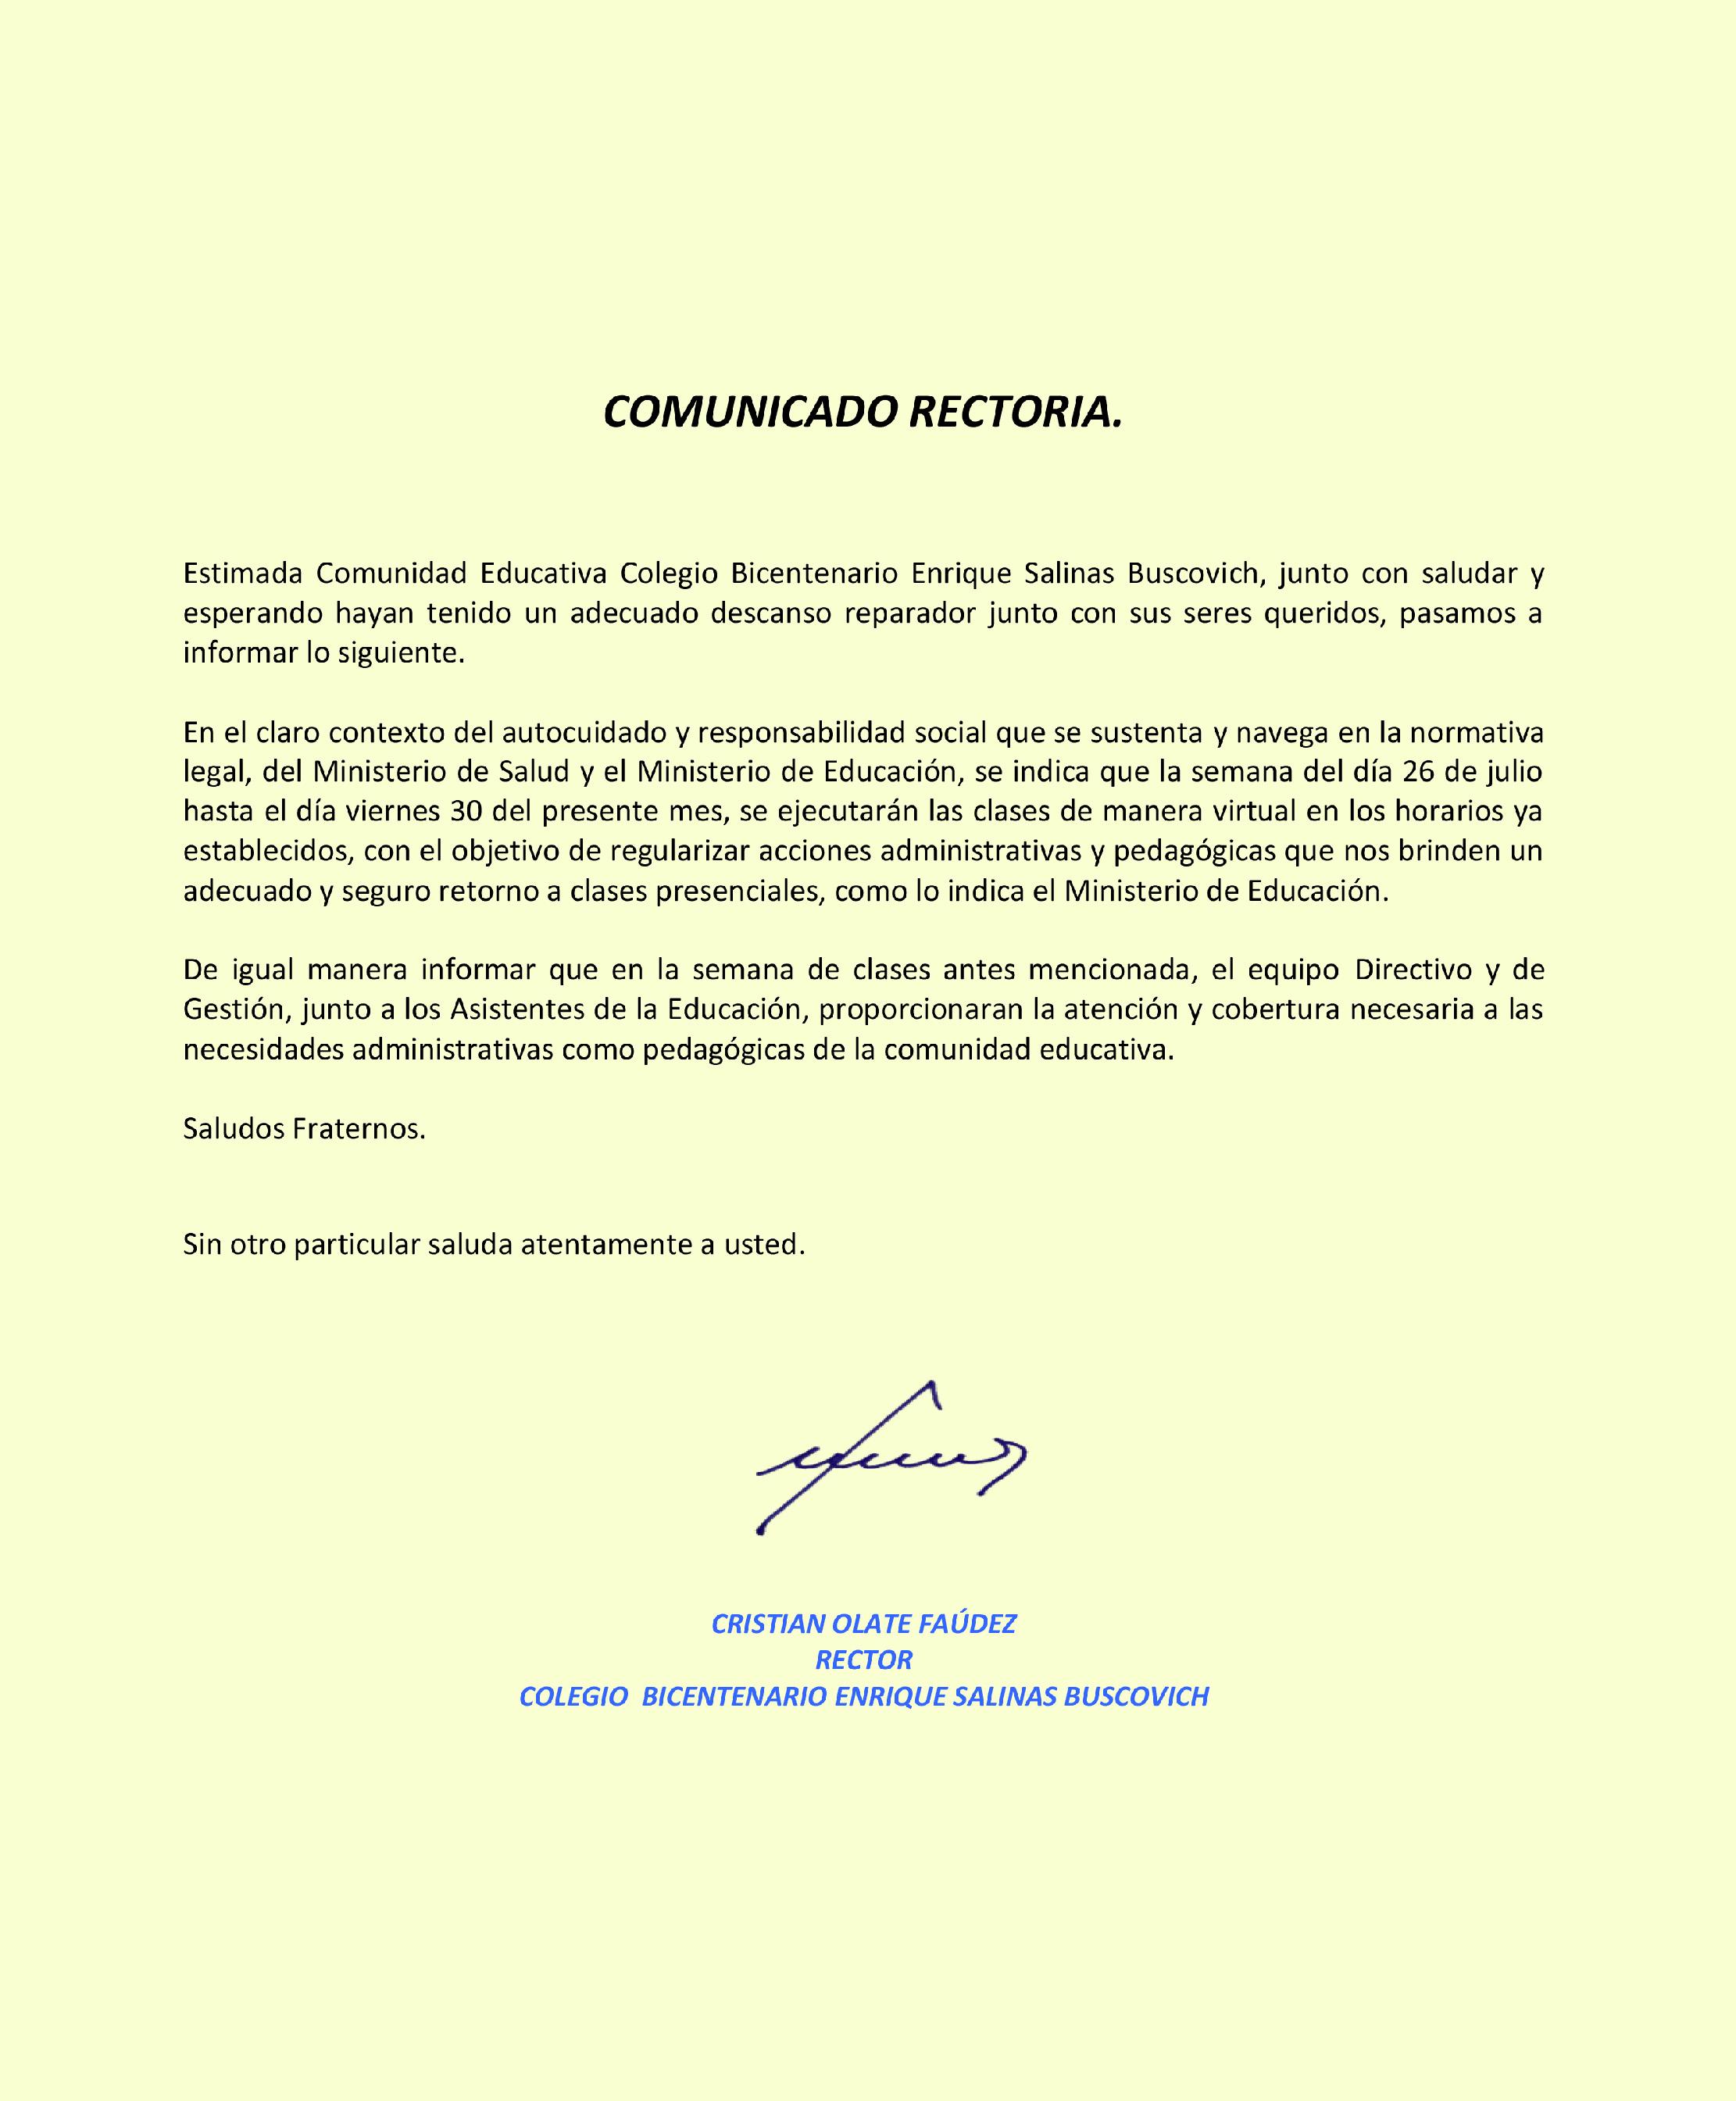 CORPORACIÓN EDUCACIONAL COLEGIOS CONCEPCIÓ ÑUBLE